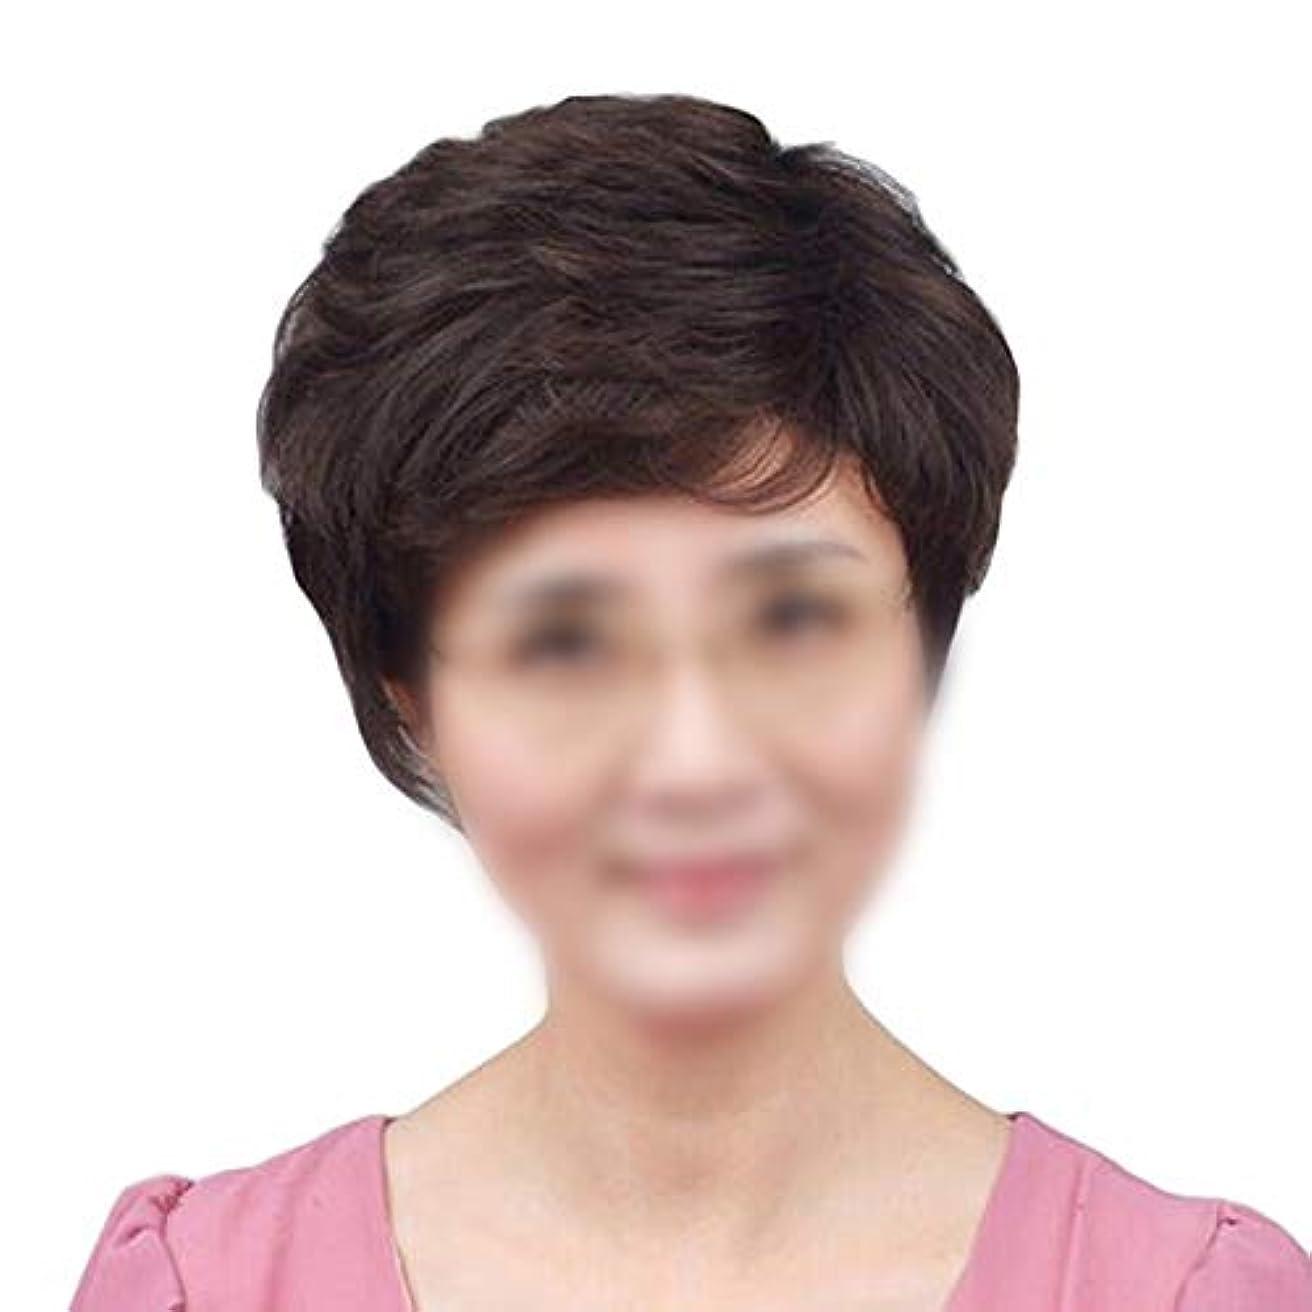 艦隊代わりにを立てるアメリカYOUQIU 母デイリードレスかつらのために女子ショートカーリーハンド織リアルタイム髪 (色 : Dark brown, サイズ : Mechanism)